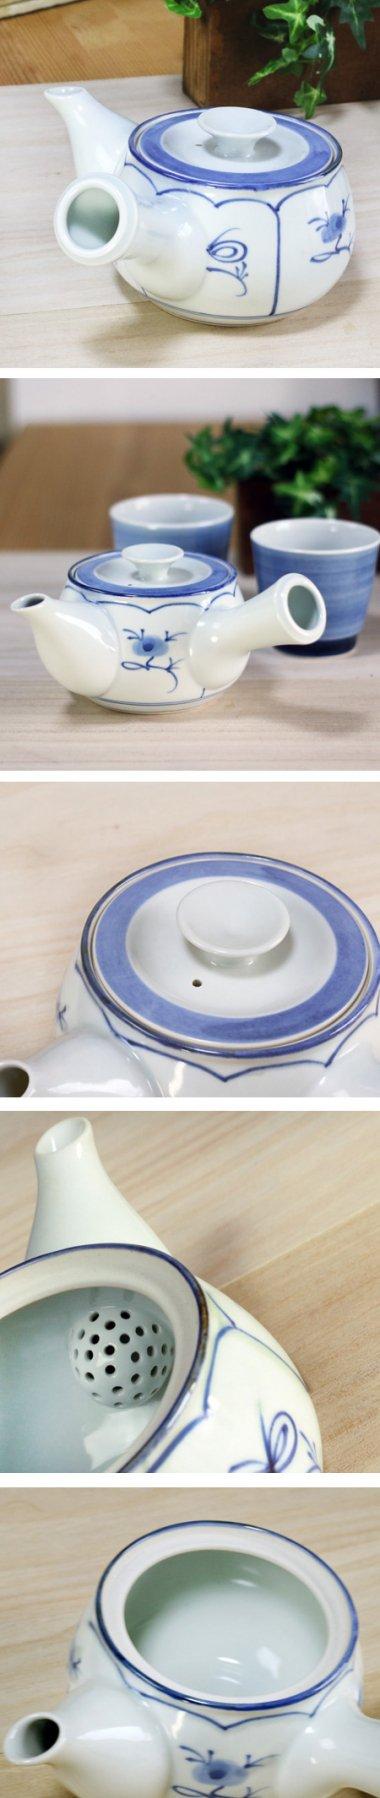 梅山窯,外口径約10cm×全高(蓋込)約7cm,磁器